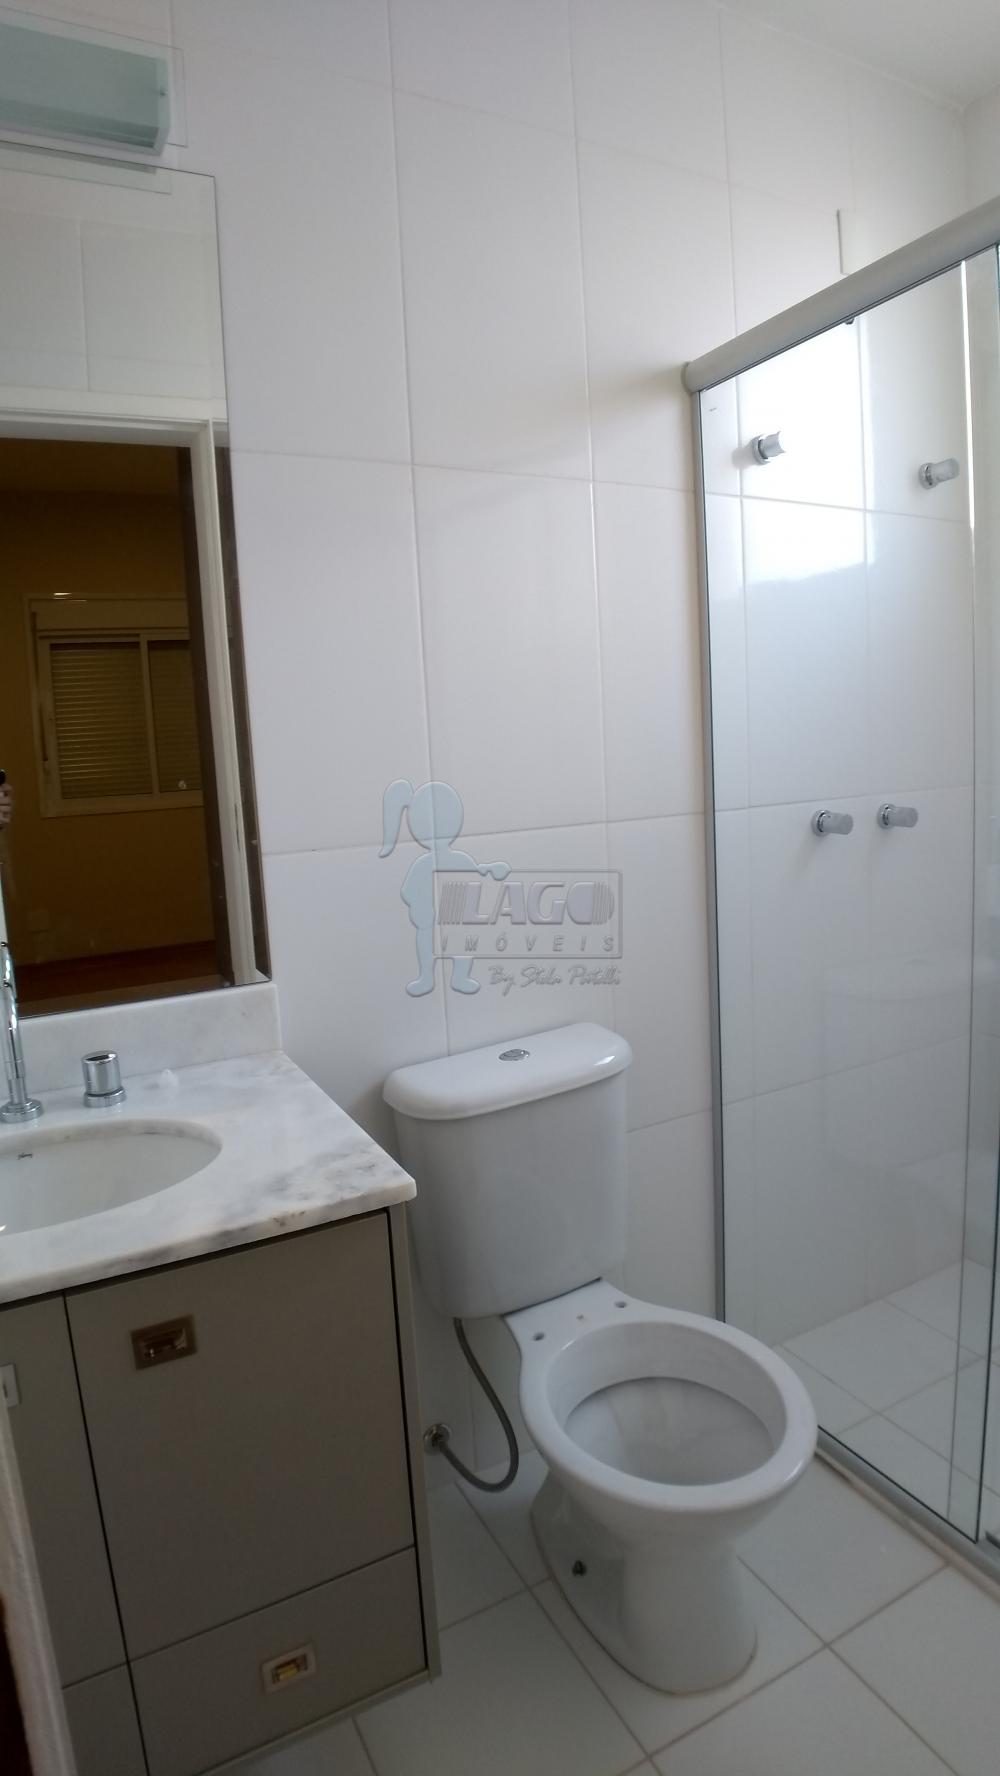 Comprar Casas / Sobrado em Ribeirão Preto apenas R$ 740.000,00 - Foto 22